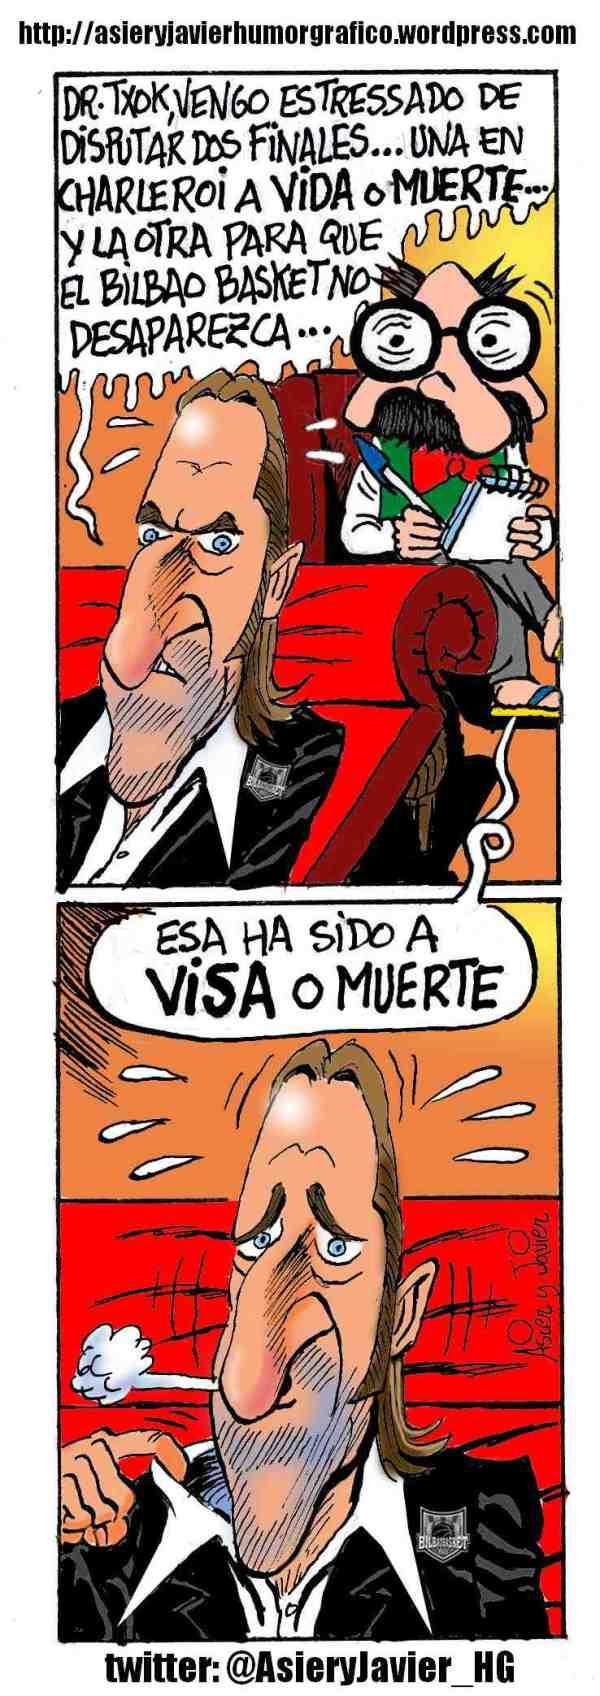 Gorka Arrinda y los problemas de gestión económica del Bizkaia Bilbao Basket, en el diván del doctor Txok